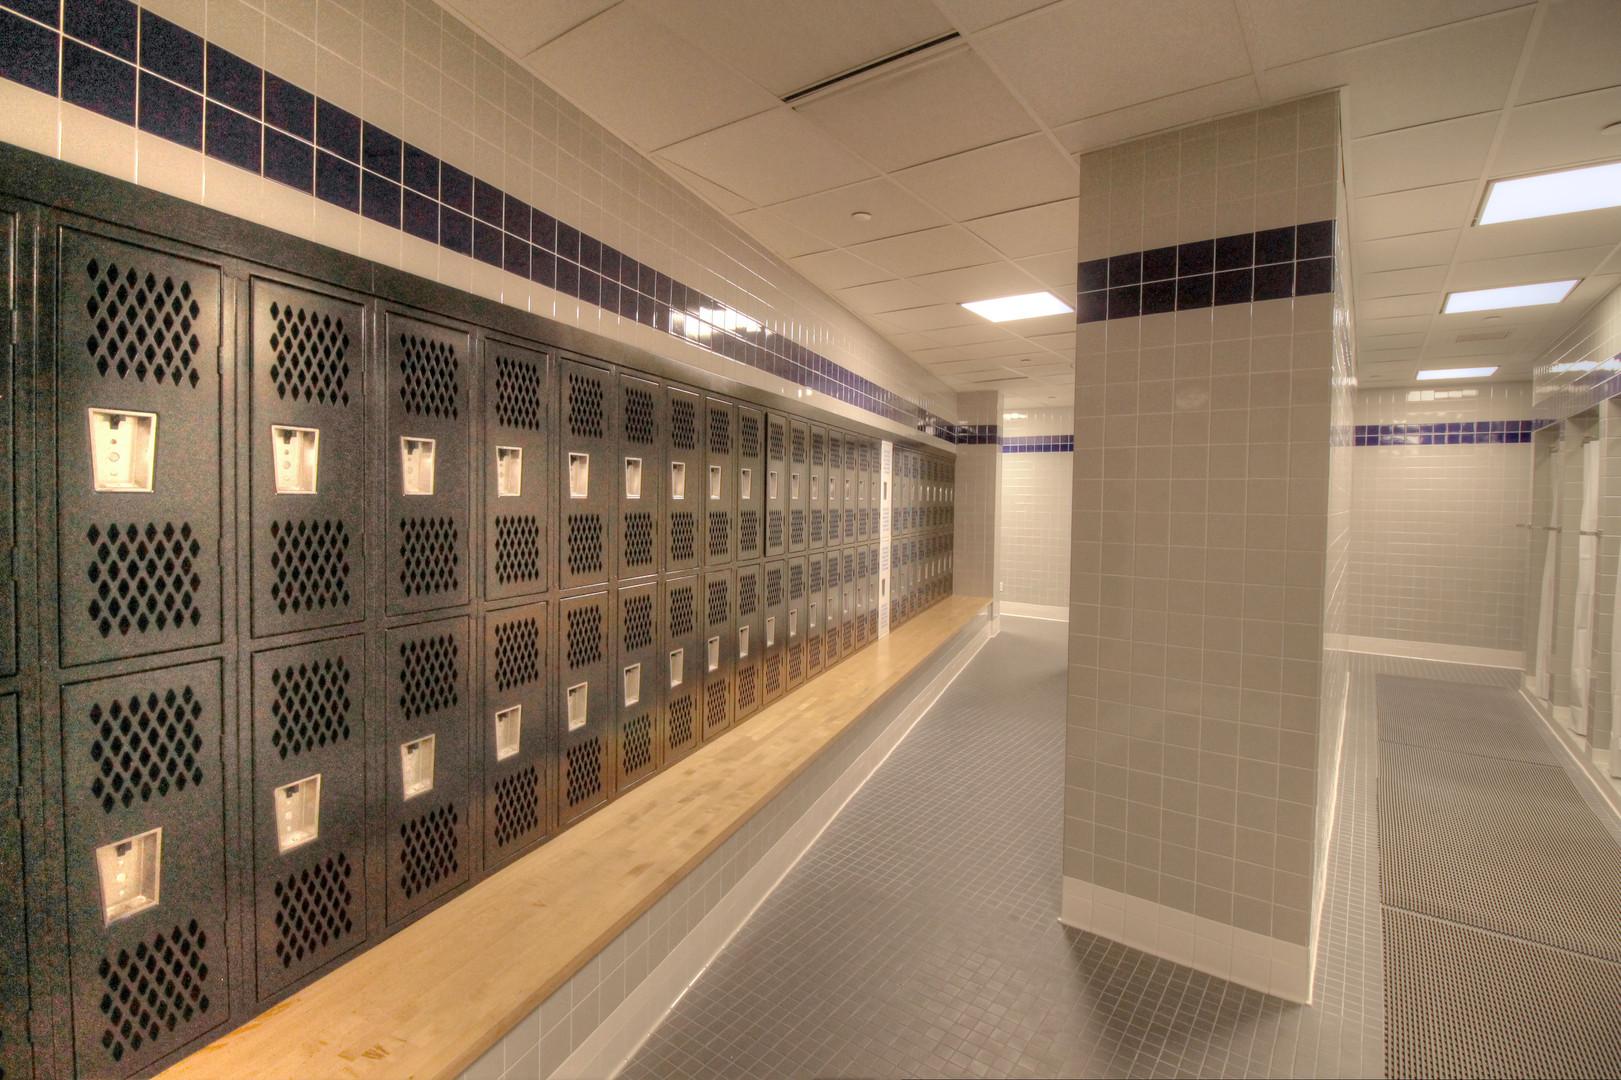 Fitness Center Locker Room Upgrades